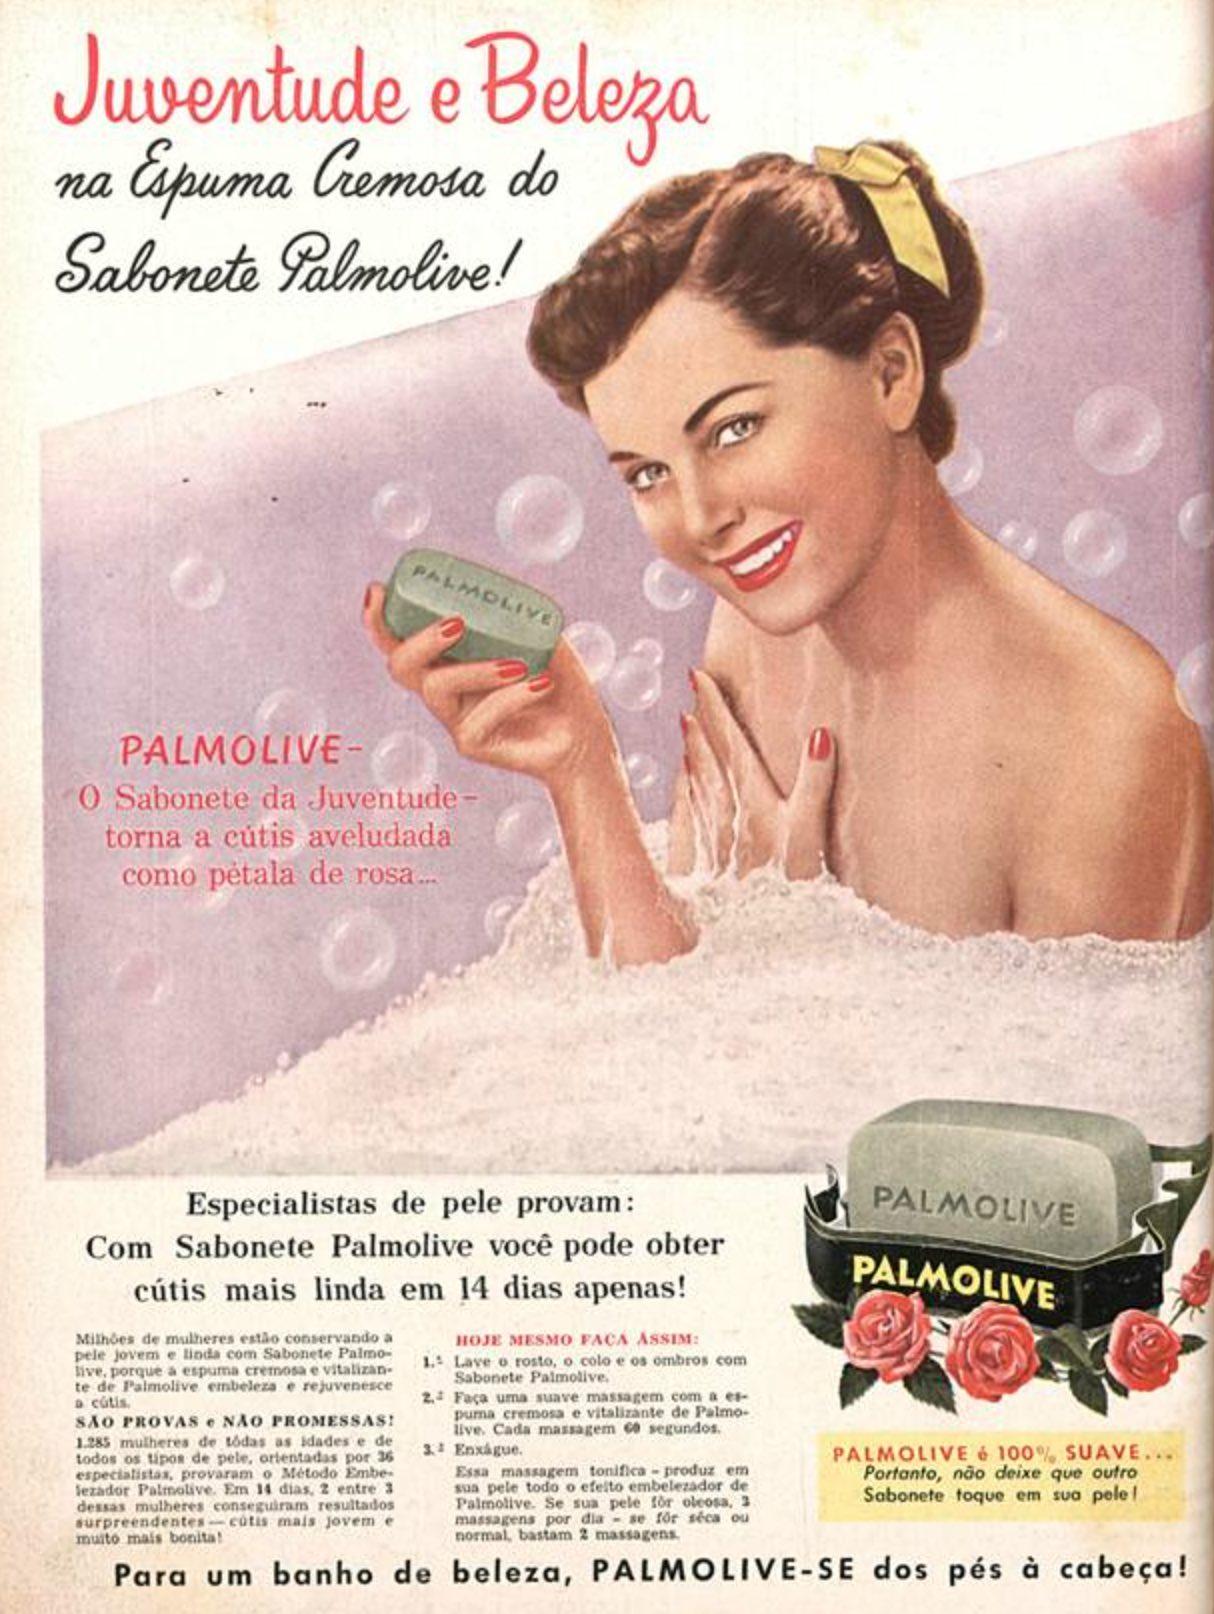 Anúncio da Palmolive em 1956 apresentando benefícios do seu sabonete